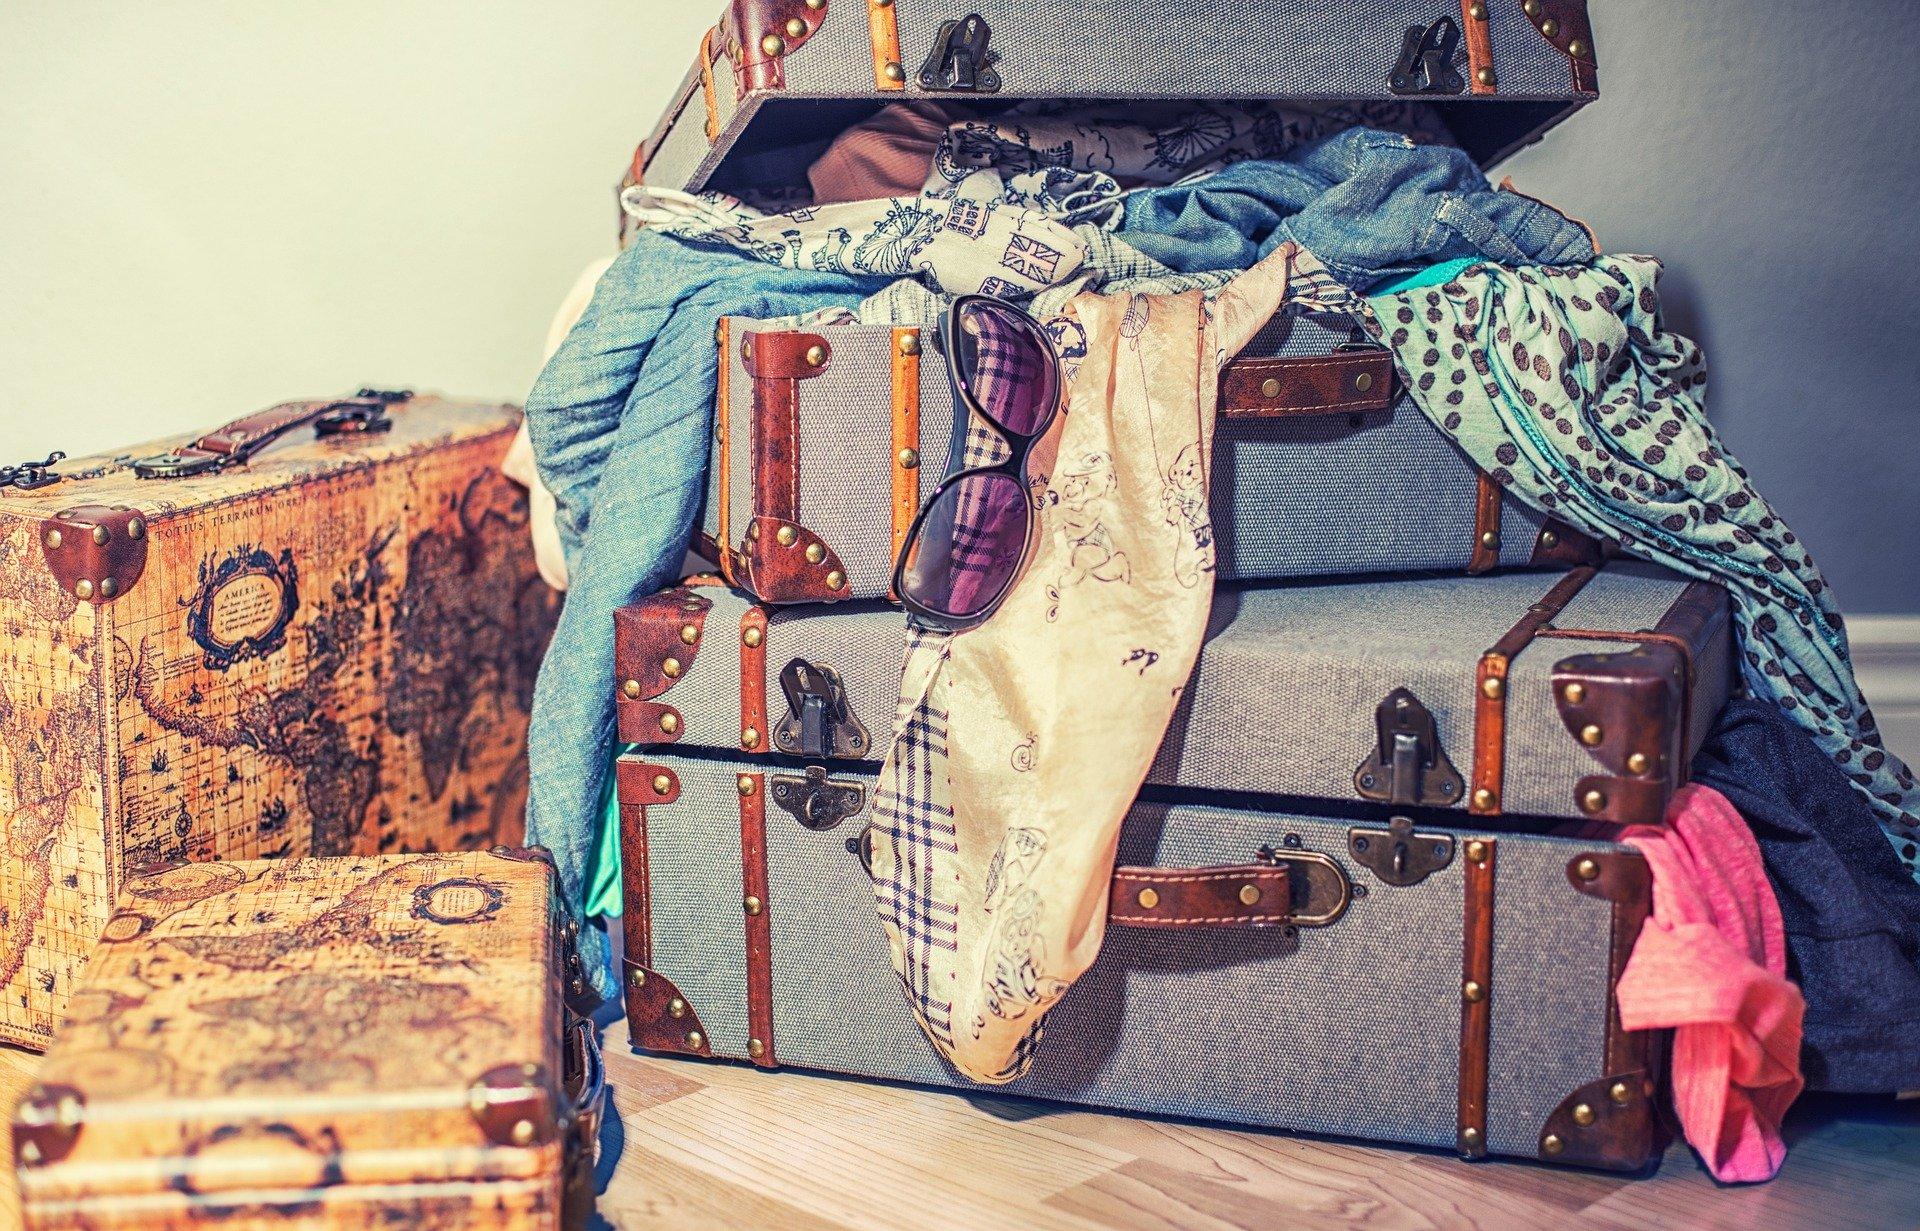 bundle packing method